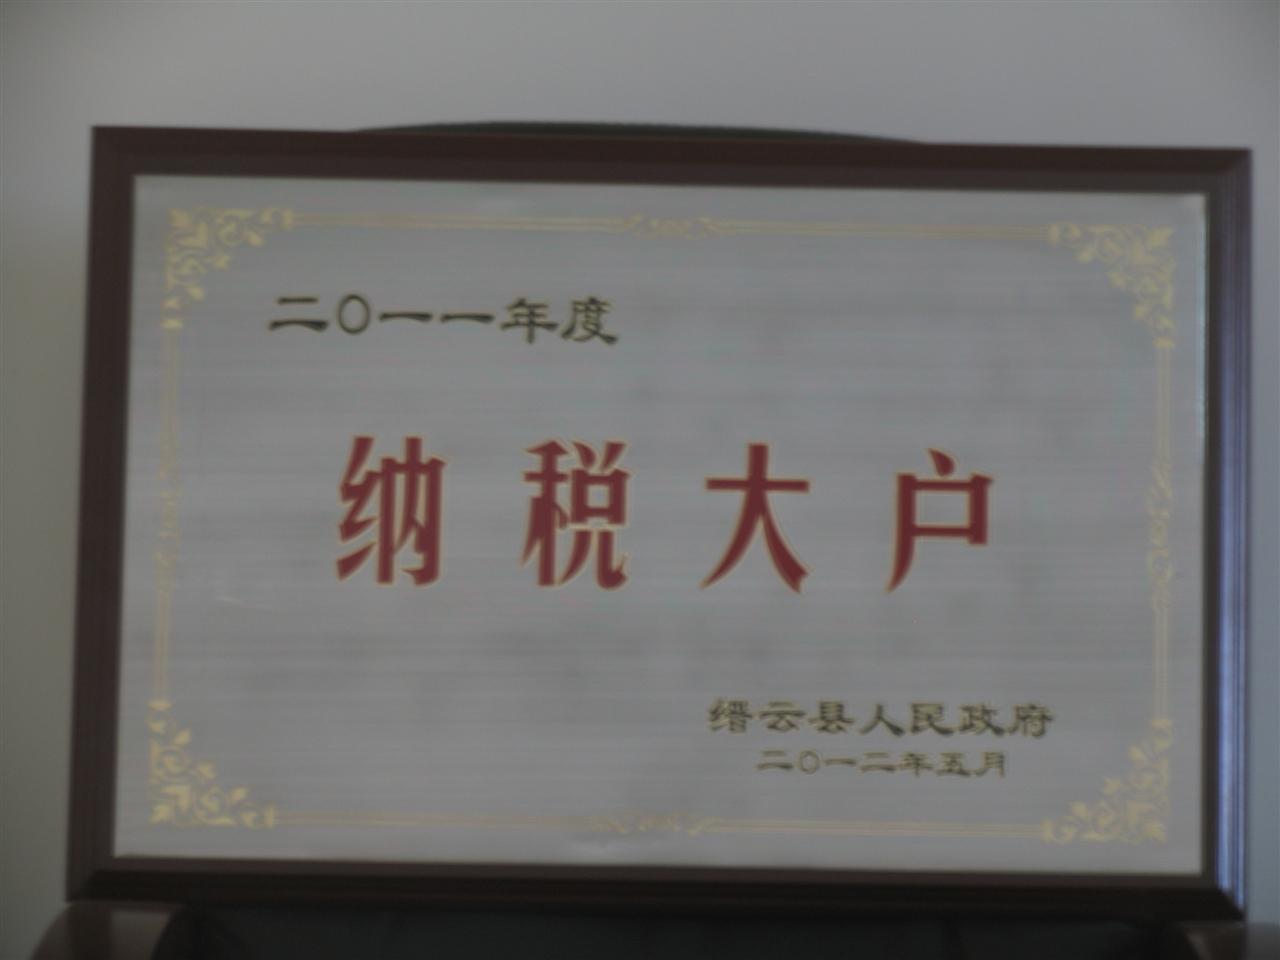 wwwv969.com